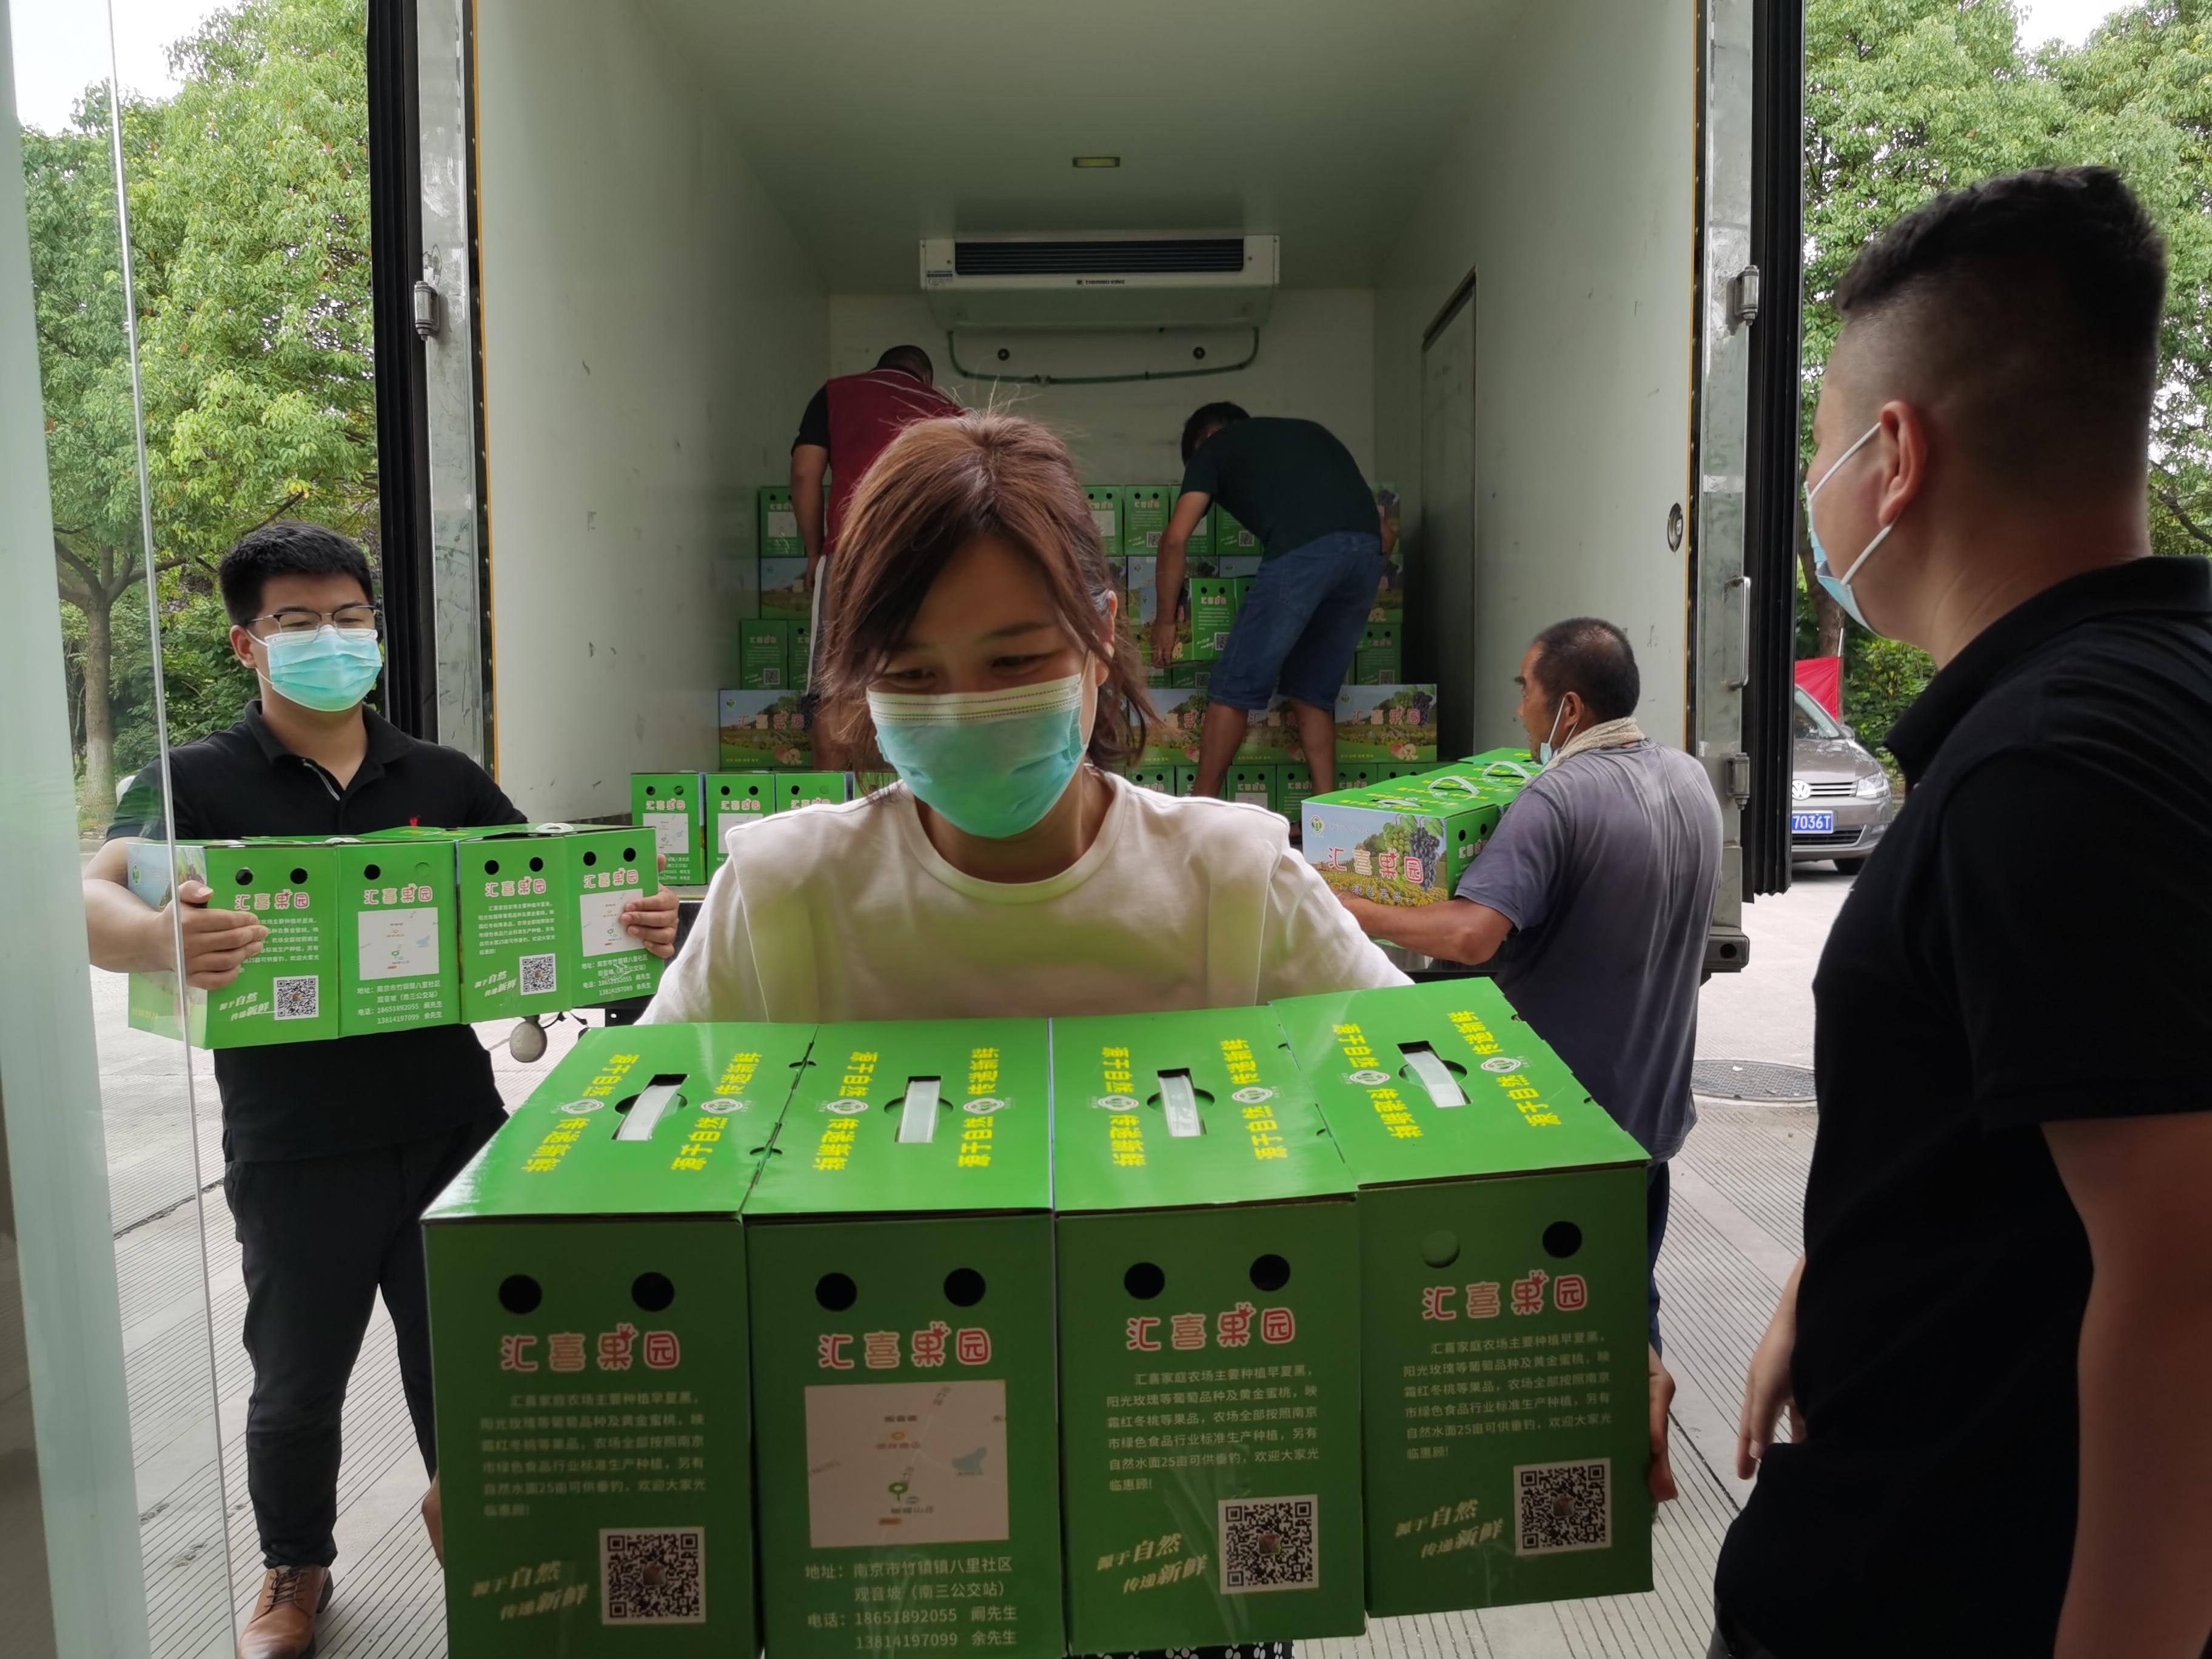 我家的梨卖光啦!——江苏广播抗疫助农进行时